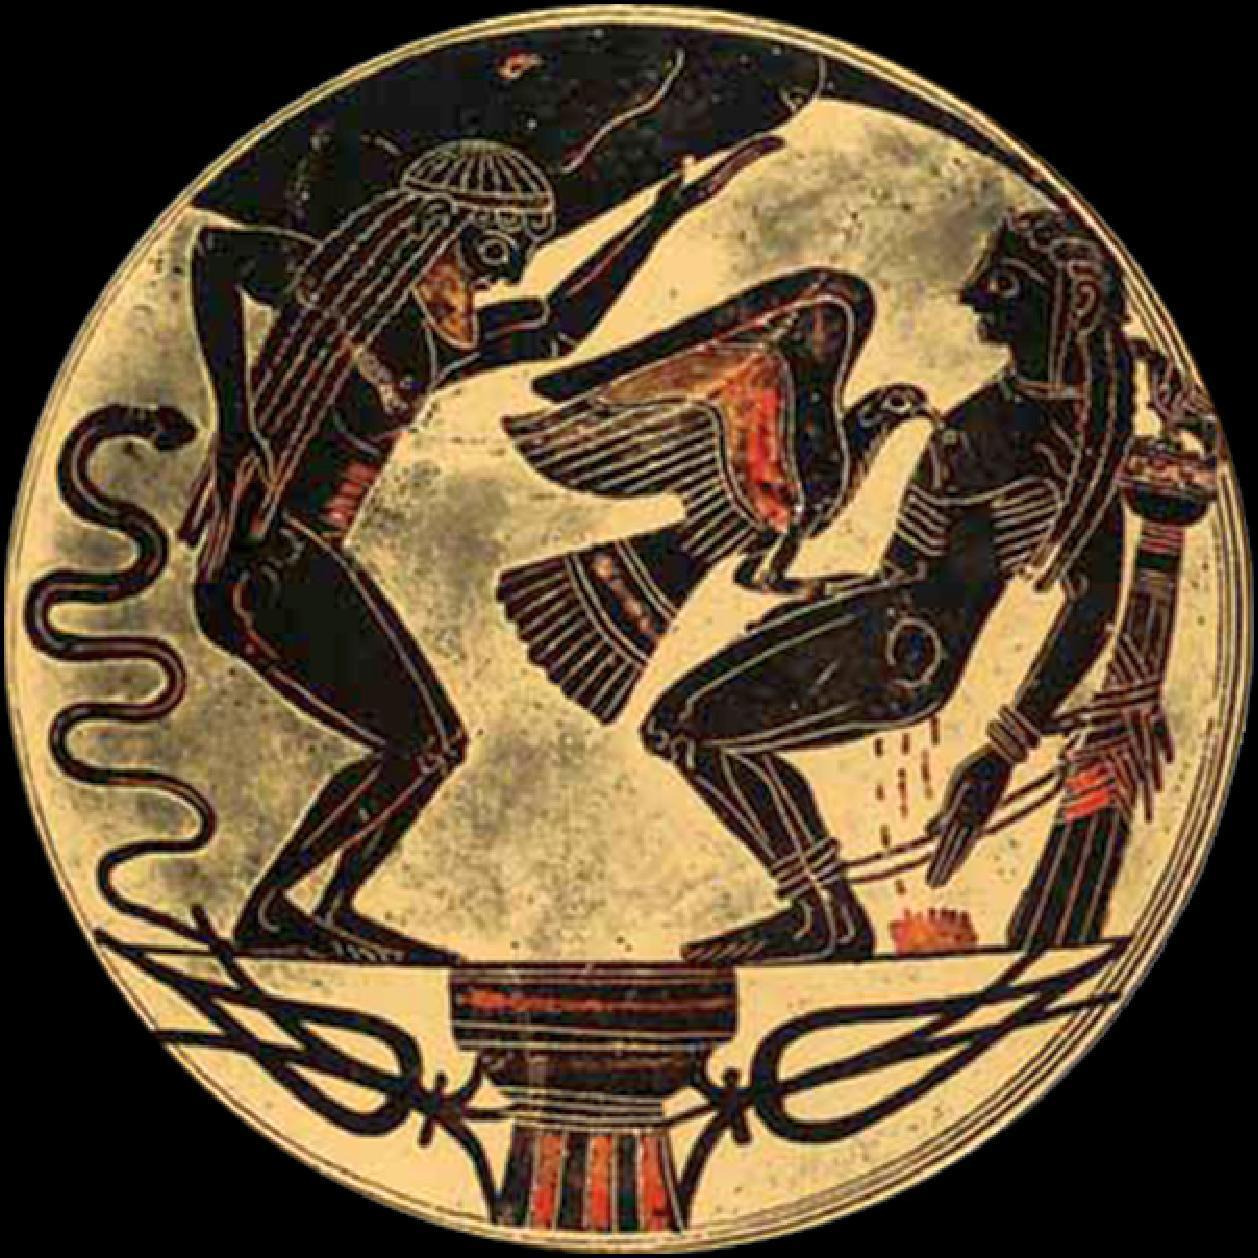 Arkesilas-Maler, Der gefesselte Prometheus (ca. 560 v. Chr.)